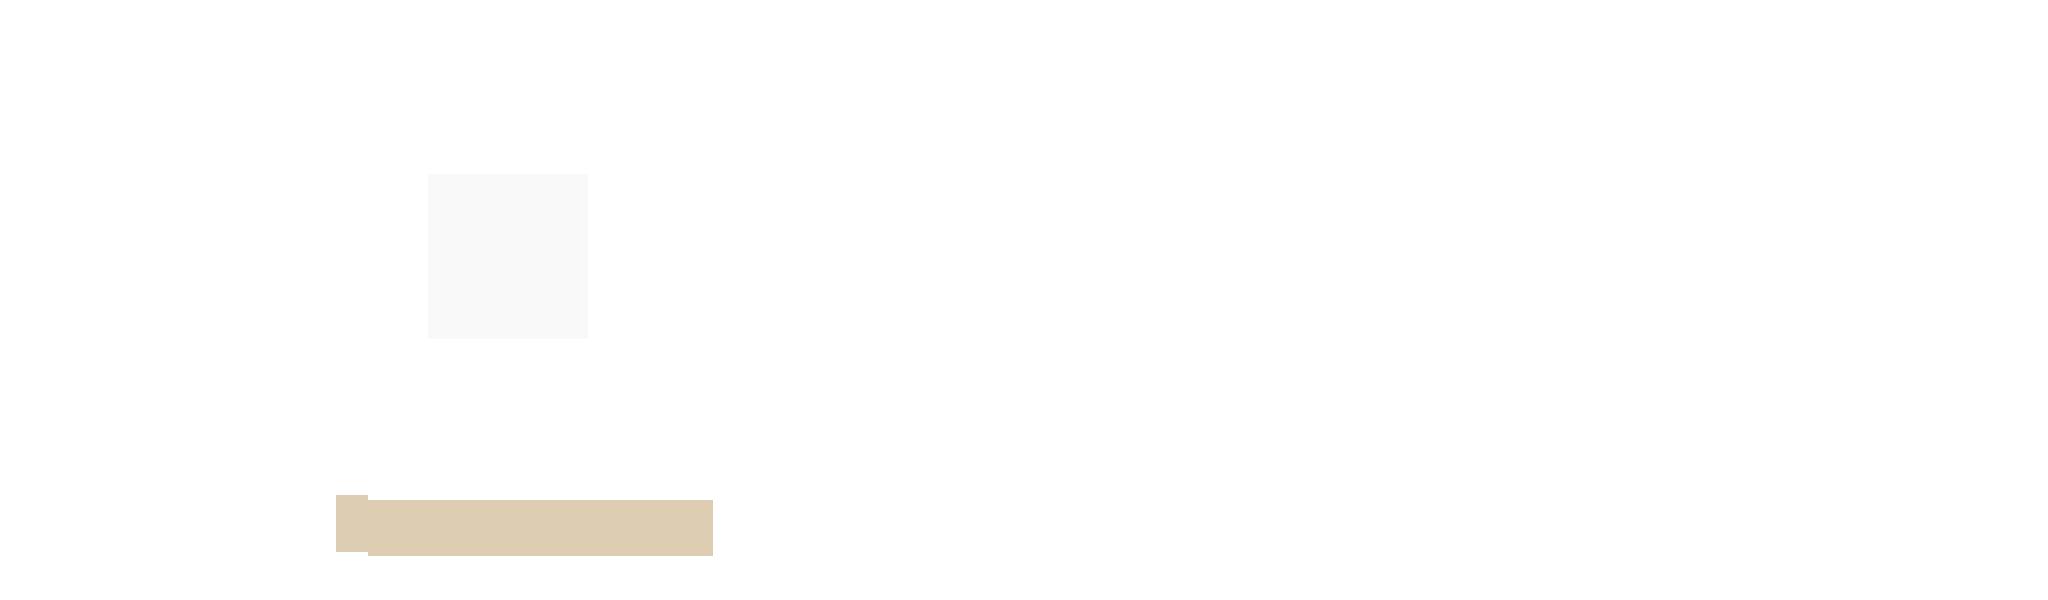 p016-r016-top-tabsp